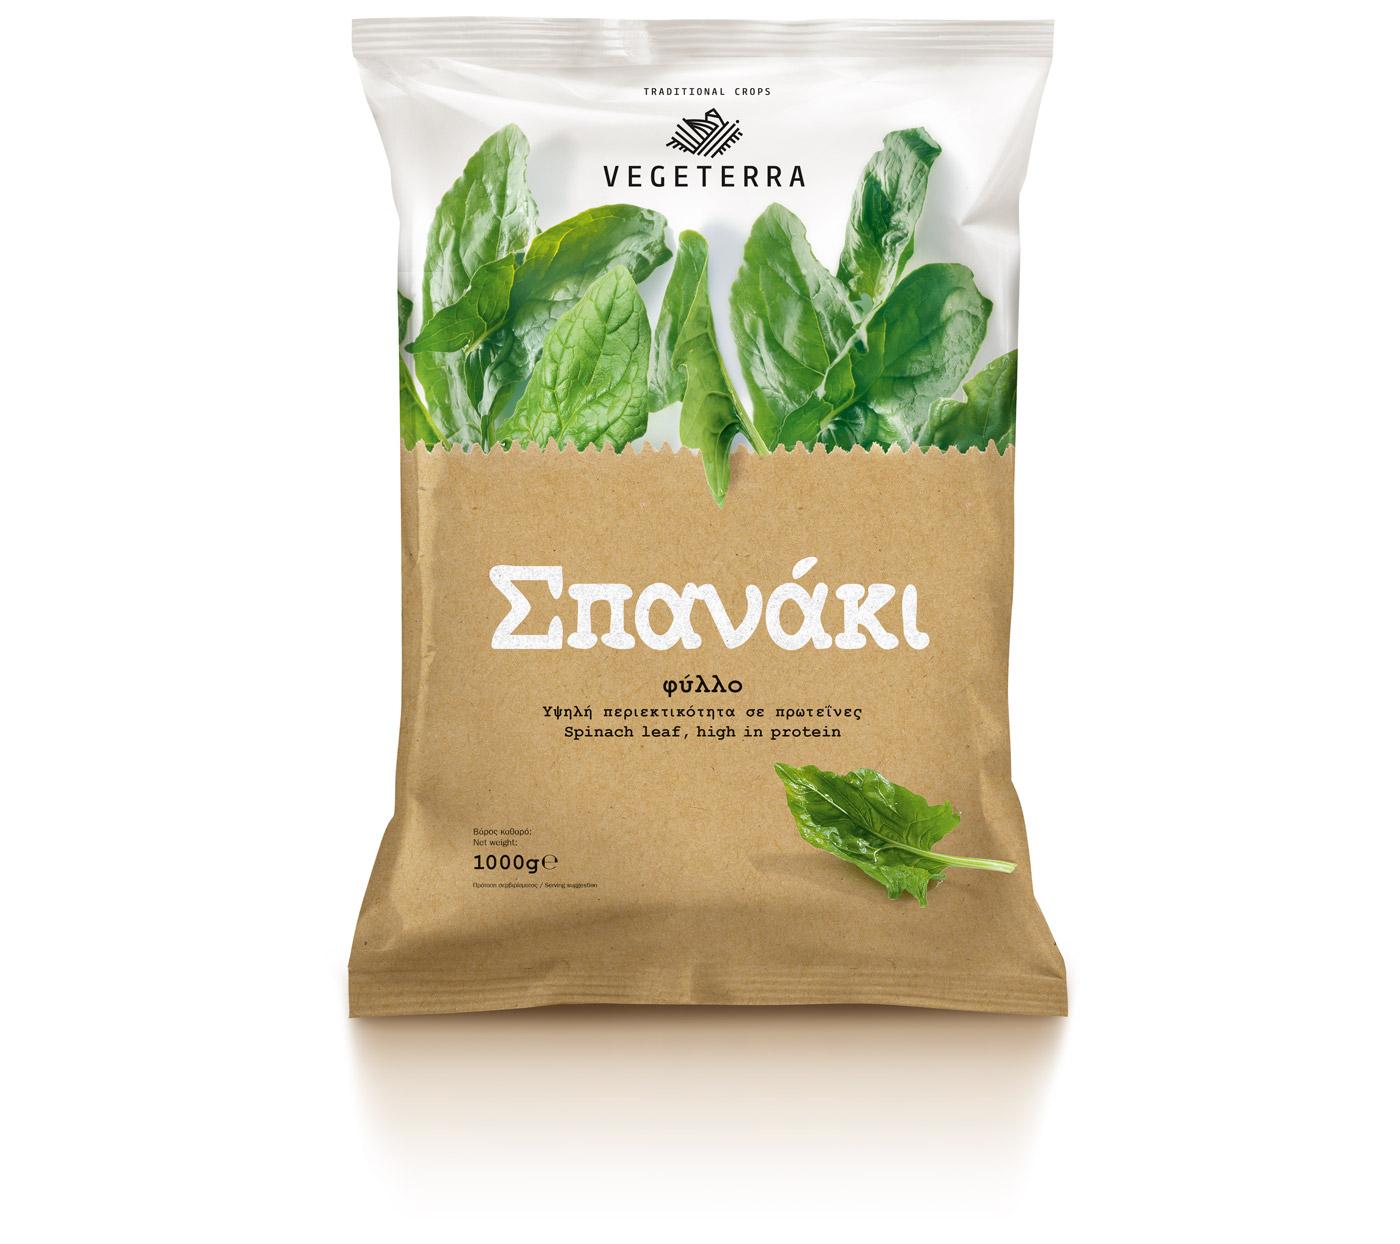 Vegeterra 冷冻蔬菜品牌标志设计包装设计5-青菜鸡毛菜